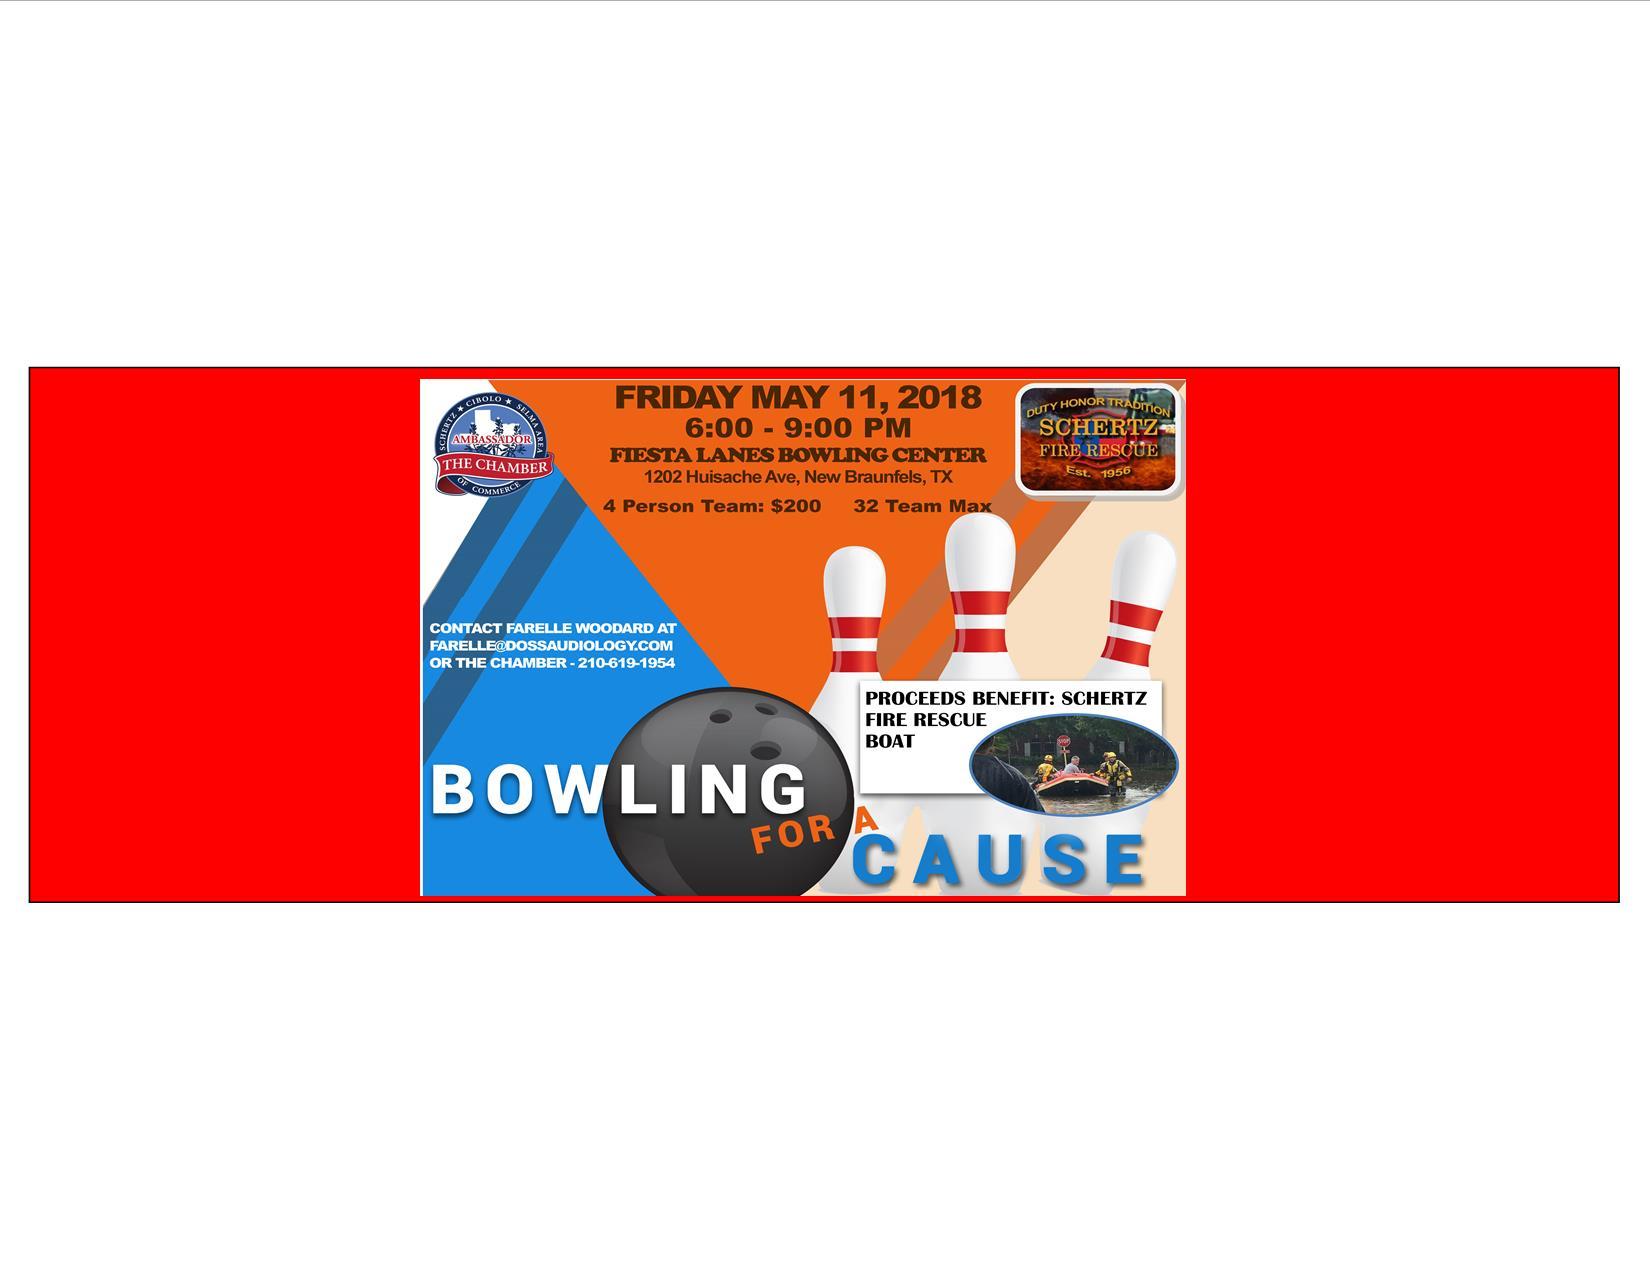 bowl-athon-for-website(1).jpg